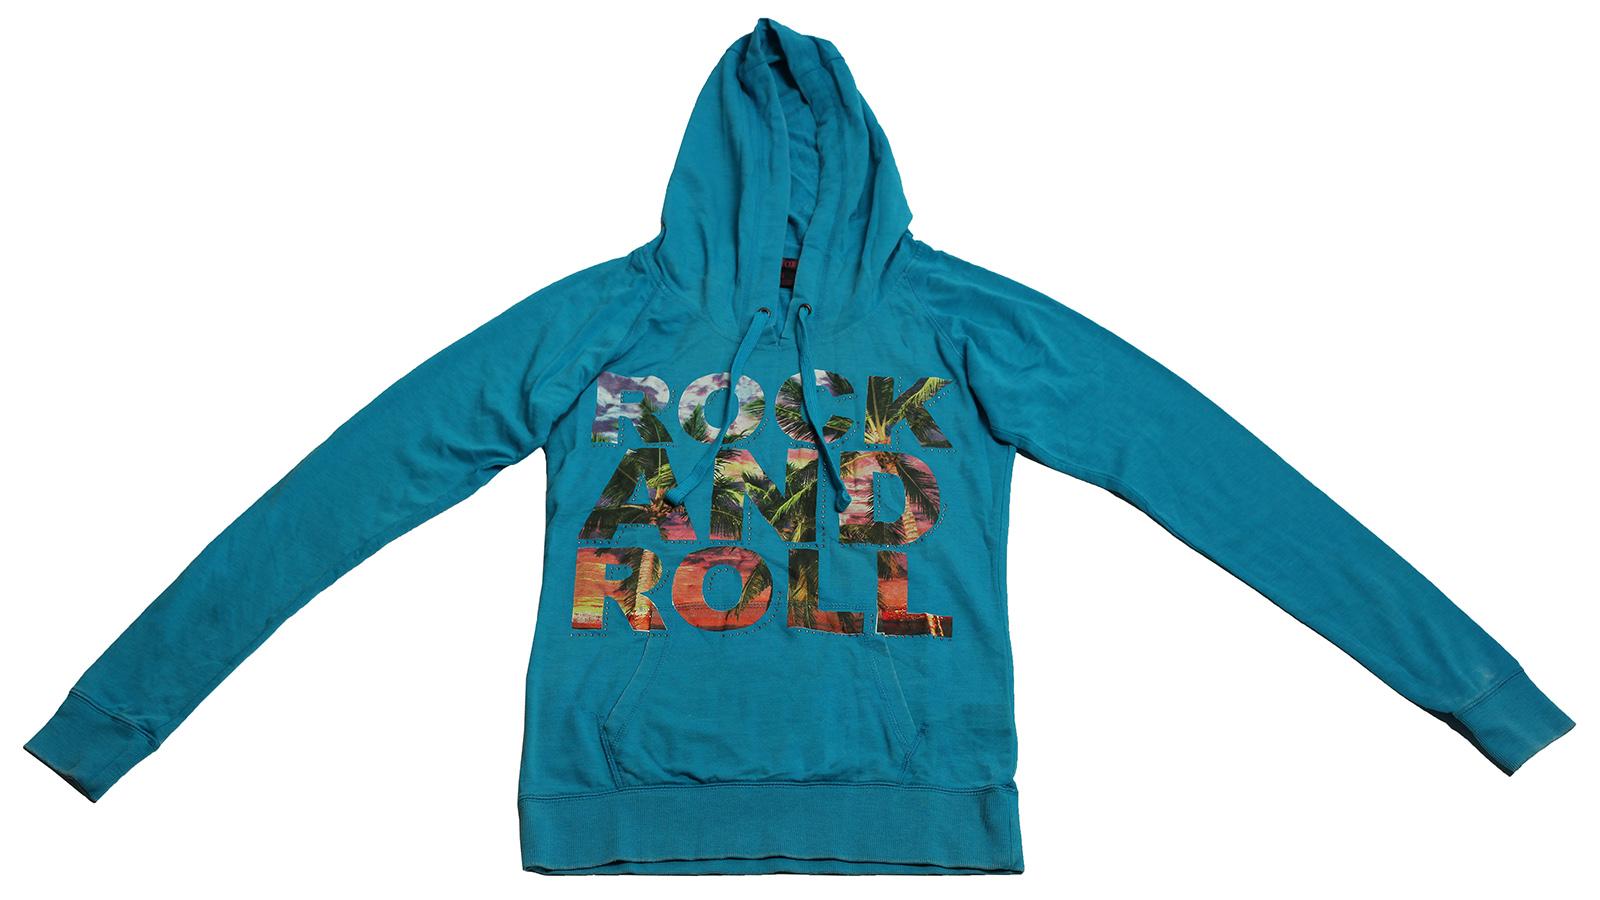 Худи Rock&Roll CowGirl. Модная и практичная модель на каждый день